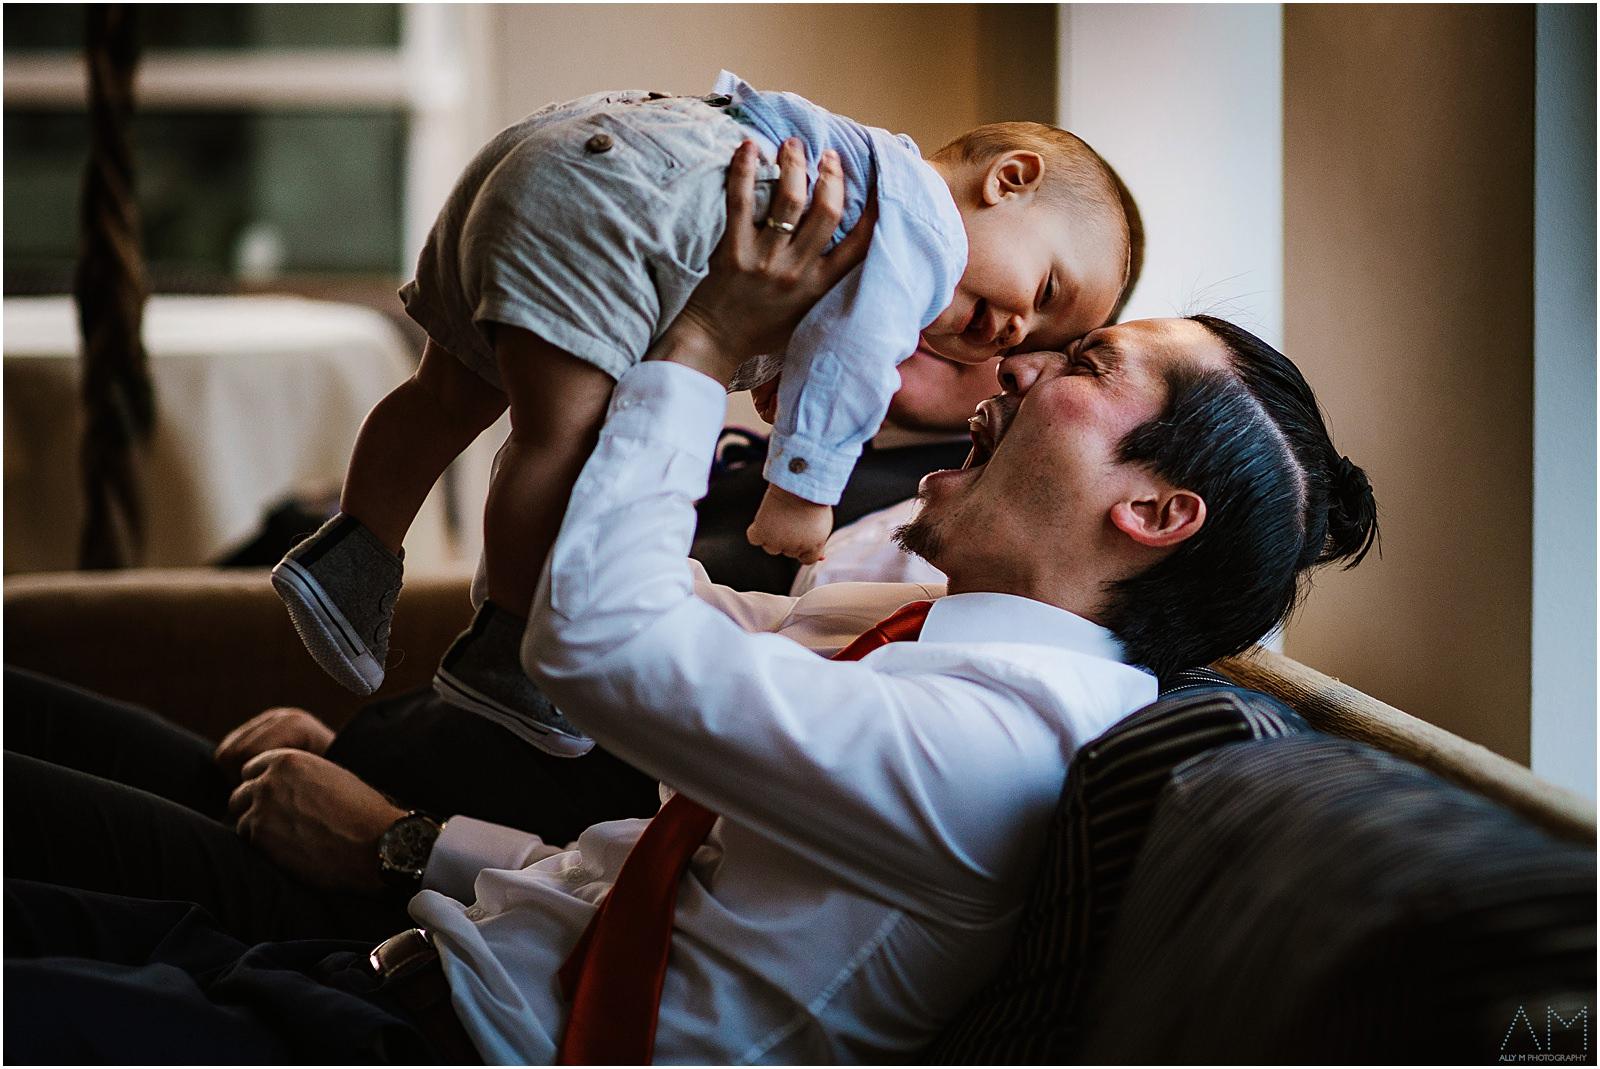 Da with his little boy